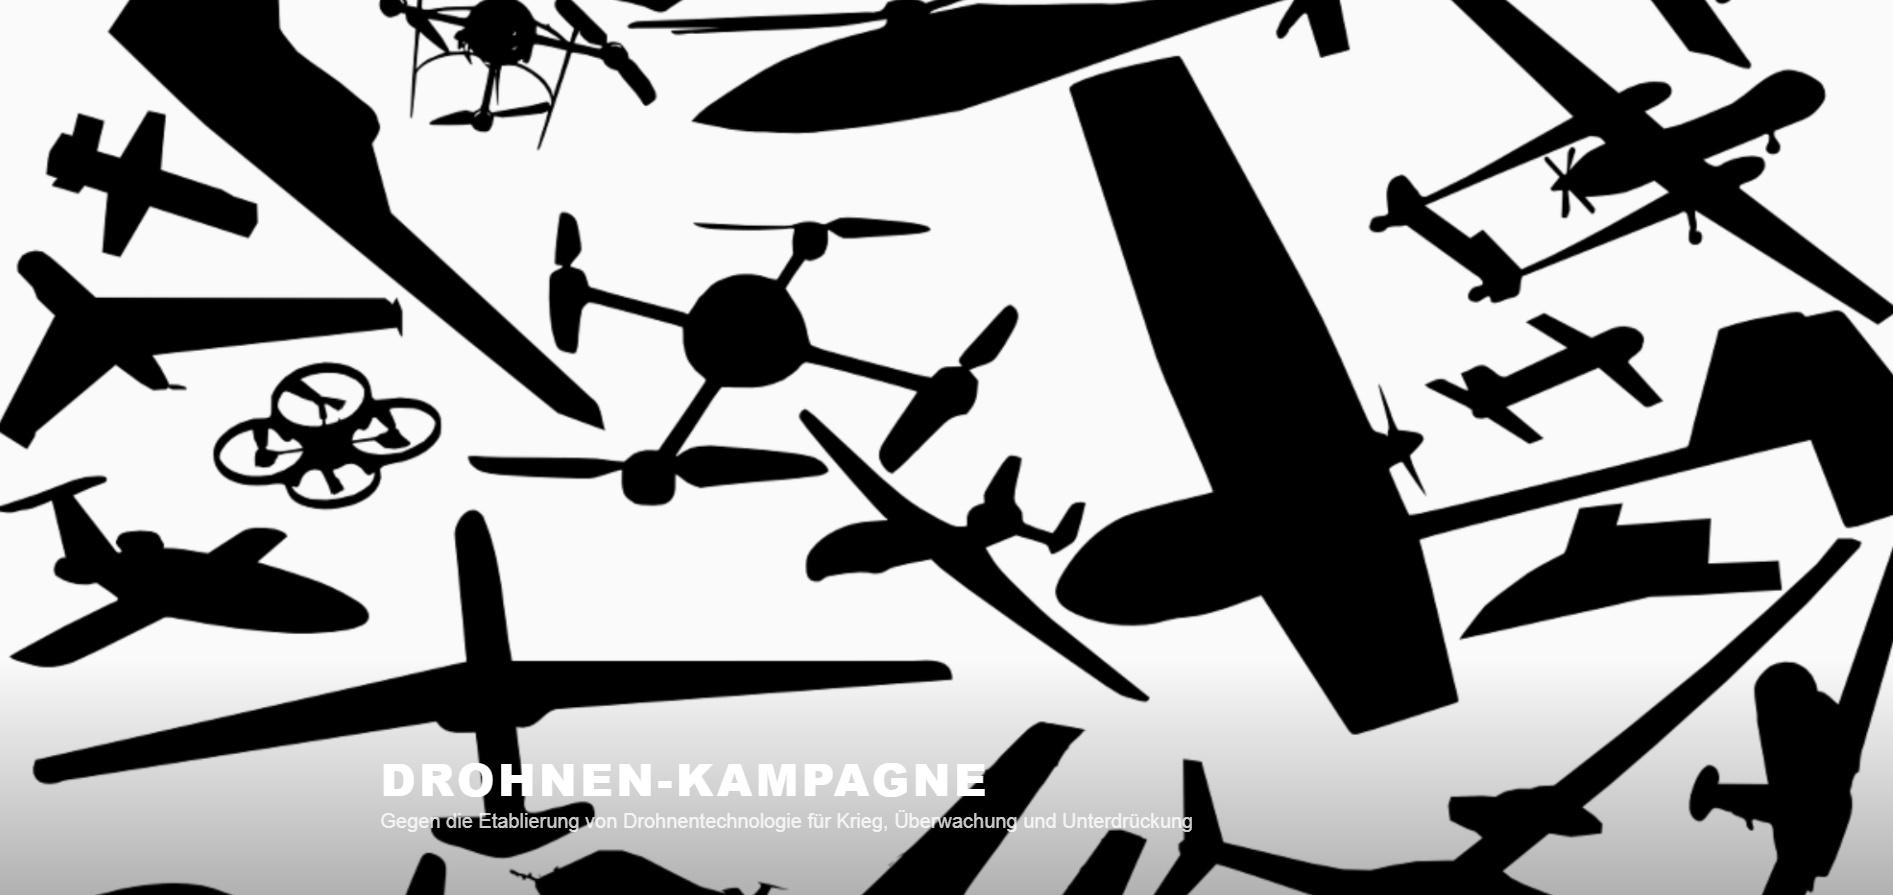 Ehemalige US Militärs warnen vor Drohnentechnologie